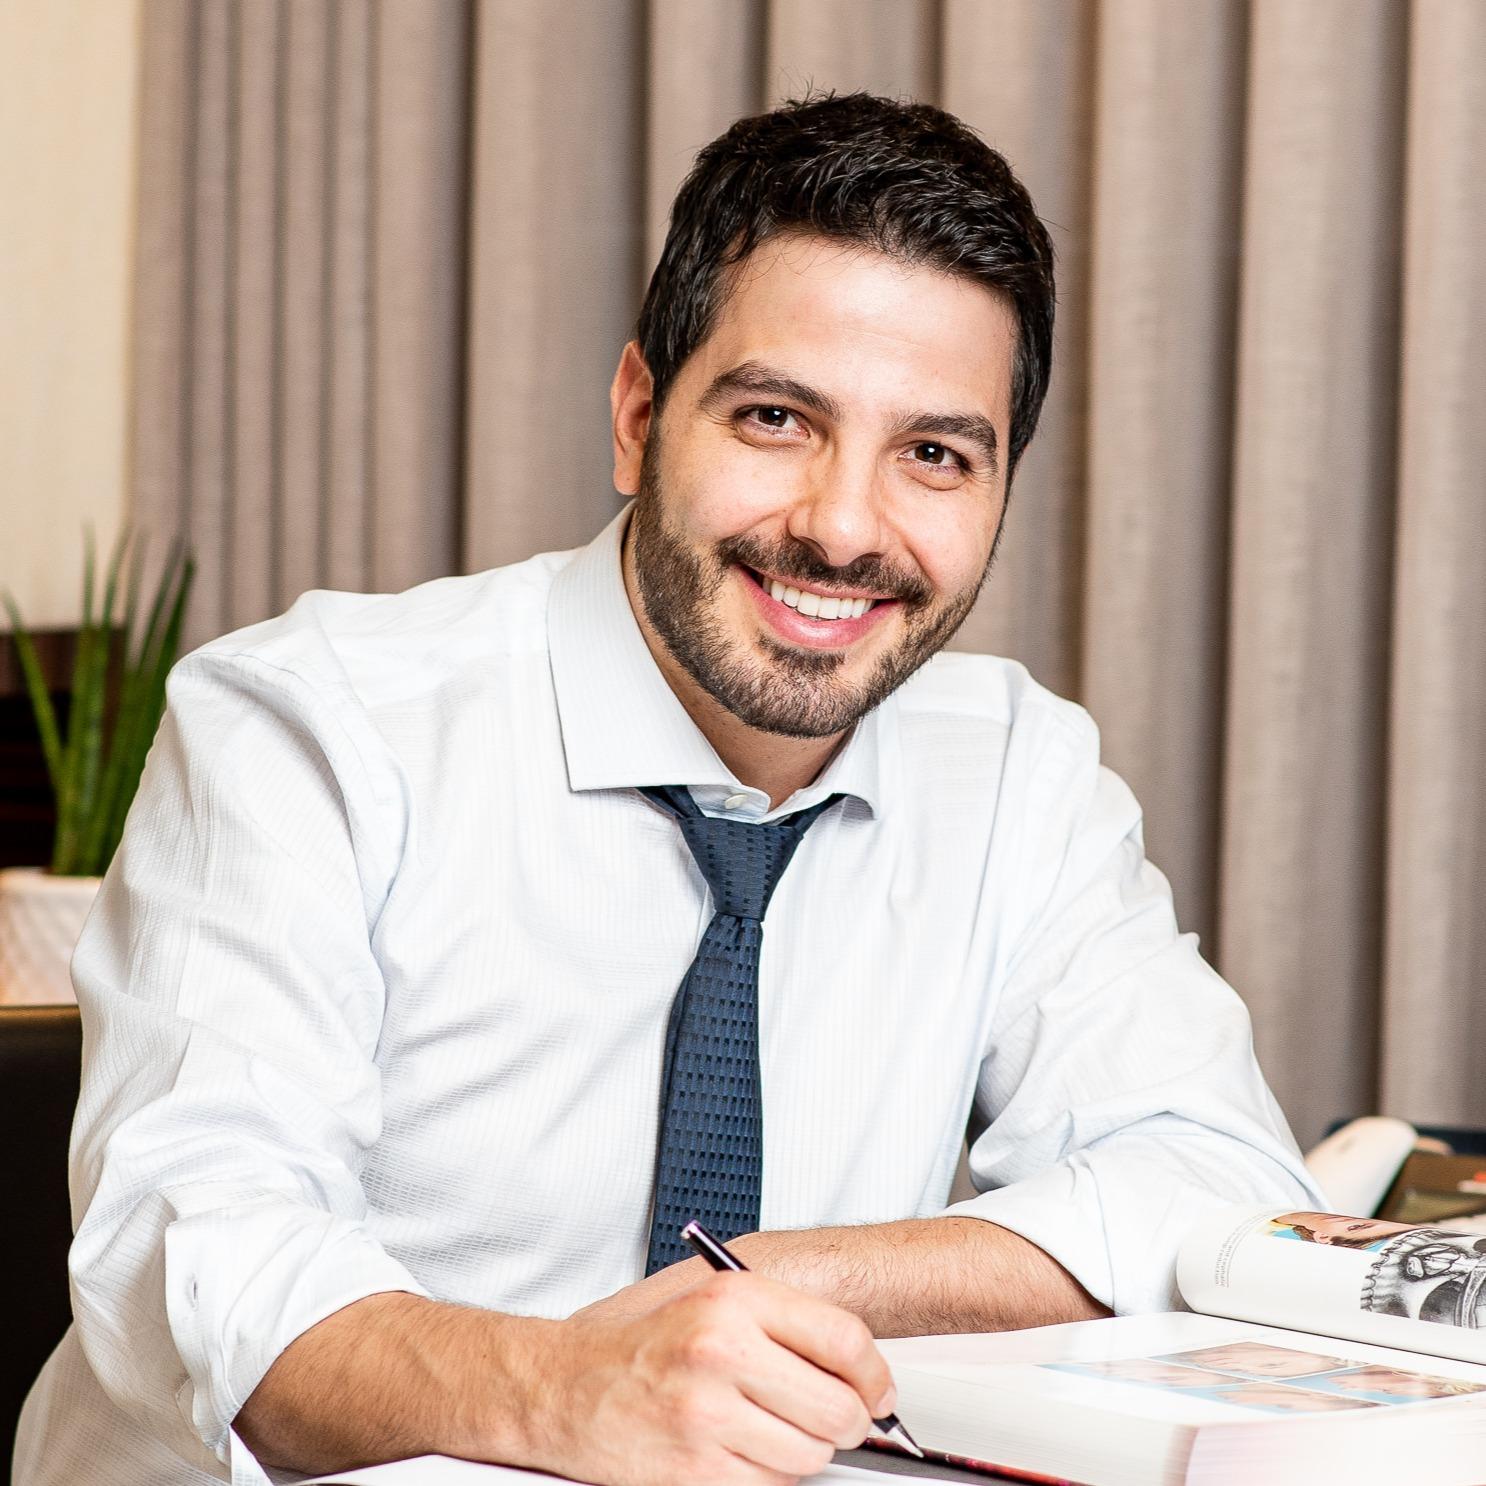 @guilhermescheibel Profile Image | Linktree